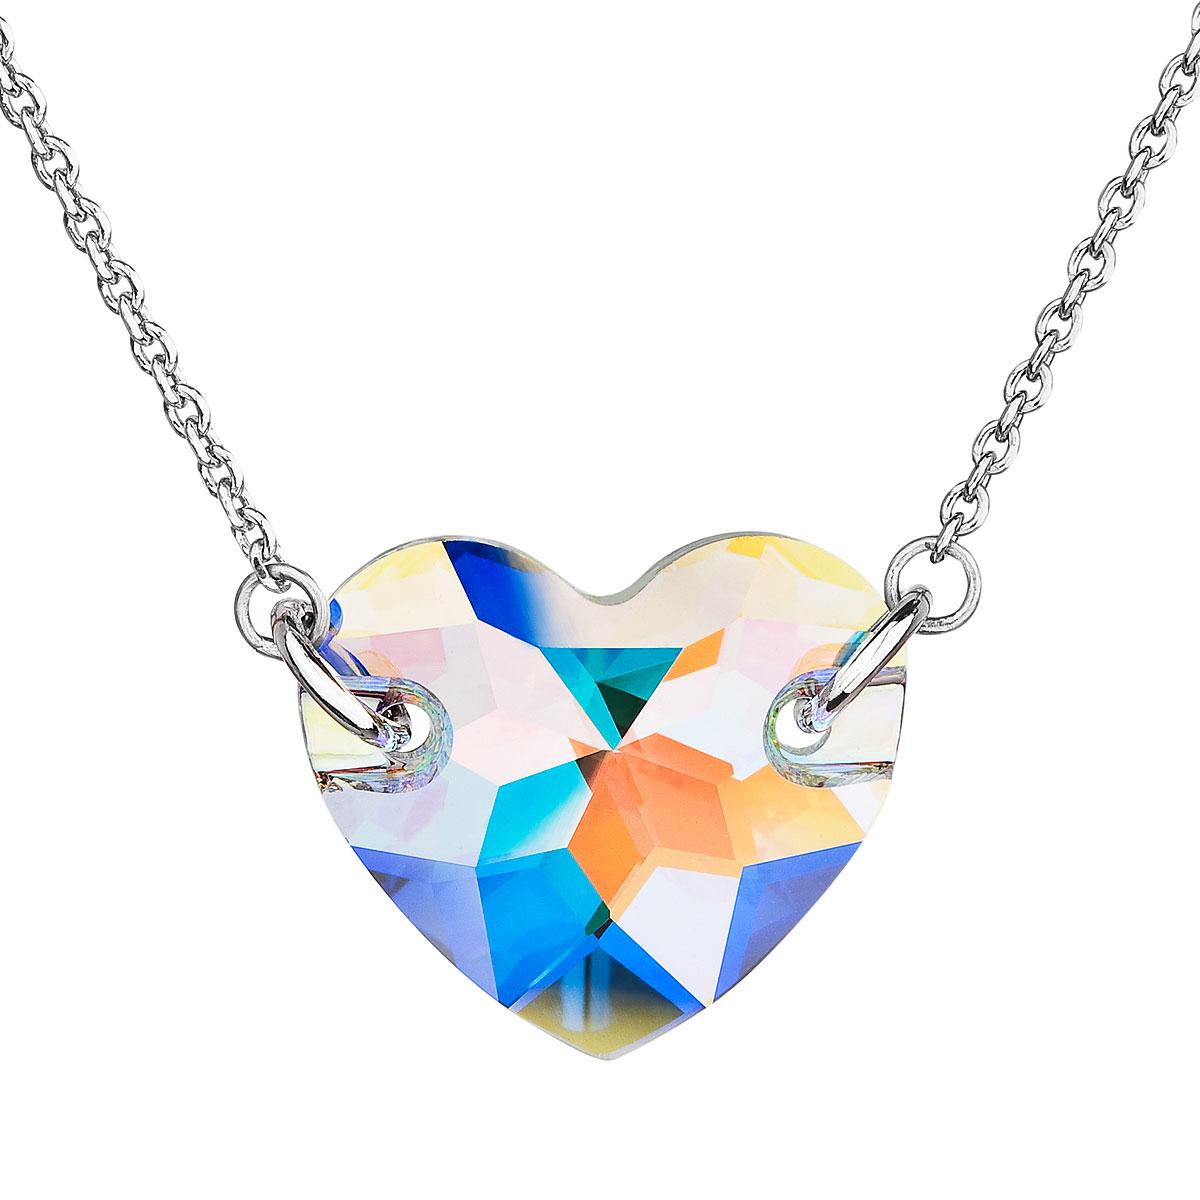 432f21519 Evolution Group Stříbrný náhrdelník s krystaly Swarovski bílé AB efekt srdce  32021.2, dárkové balení